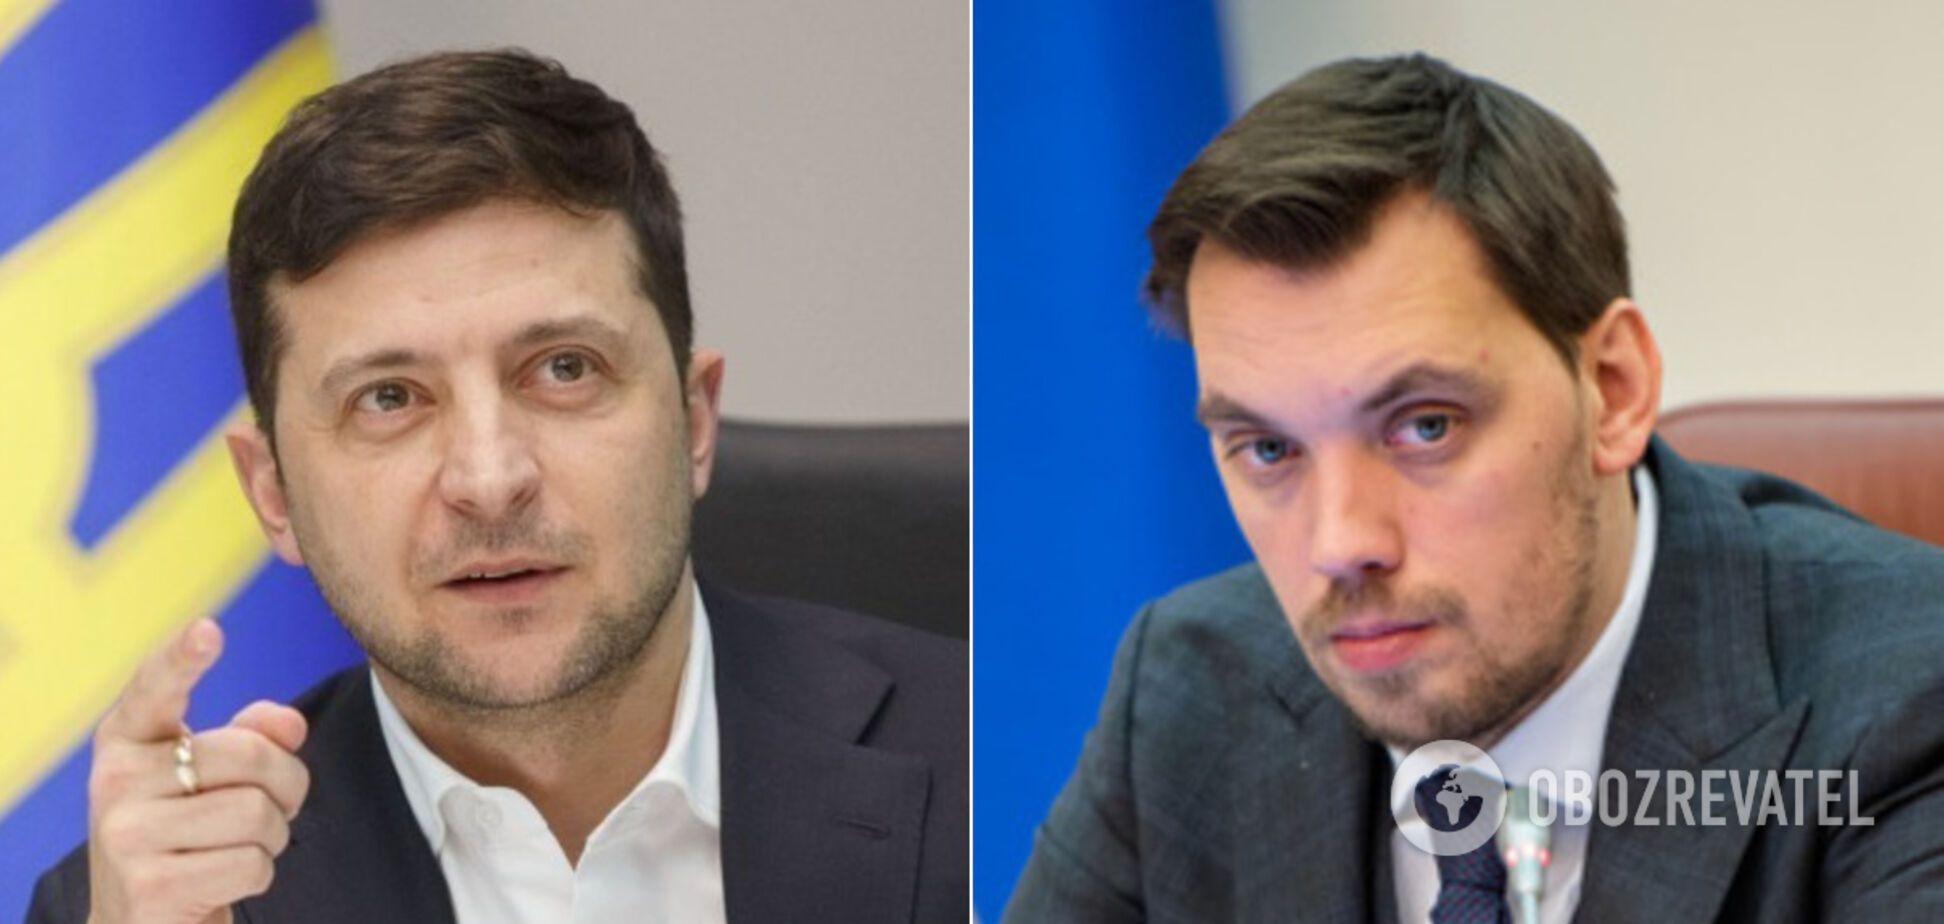 Зеленський зізнався, чому Гончарук пішов у відставку